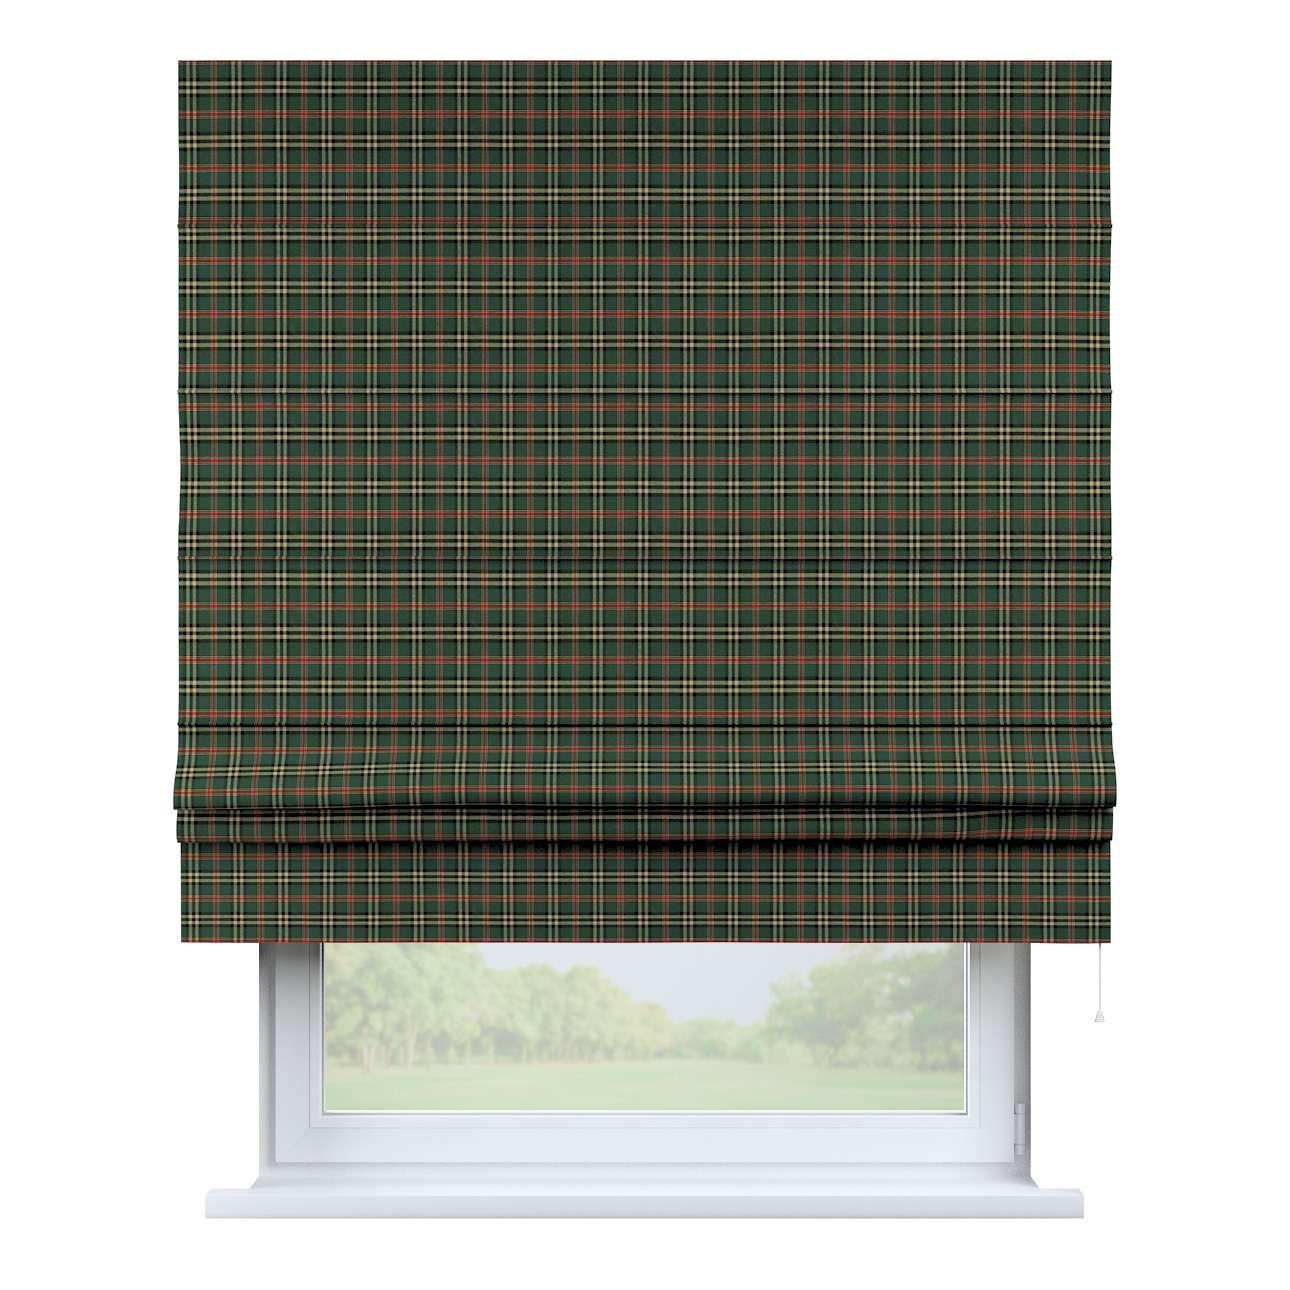 Raffrollo Padva, grün-rot, 160 × 170 cm, Bristol | Heimtextilien > Jalousien und Rollos > Raffrollos | Dekoria